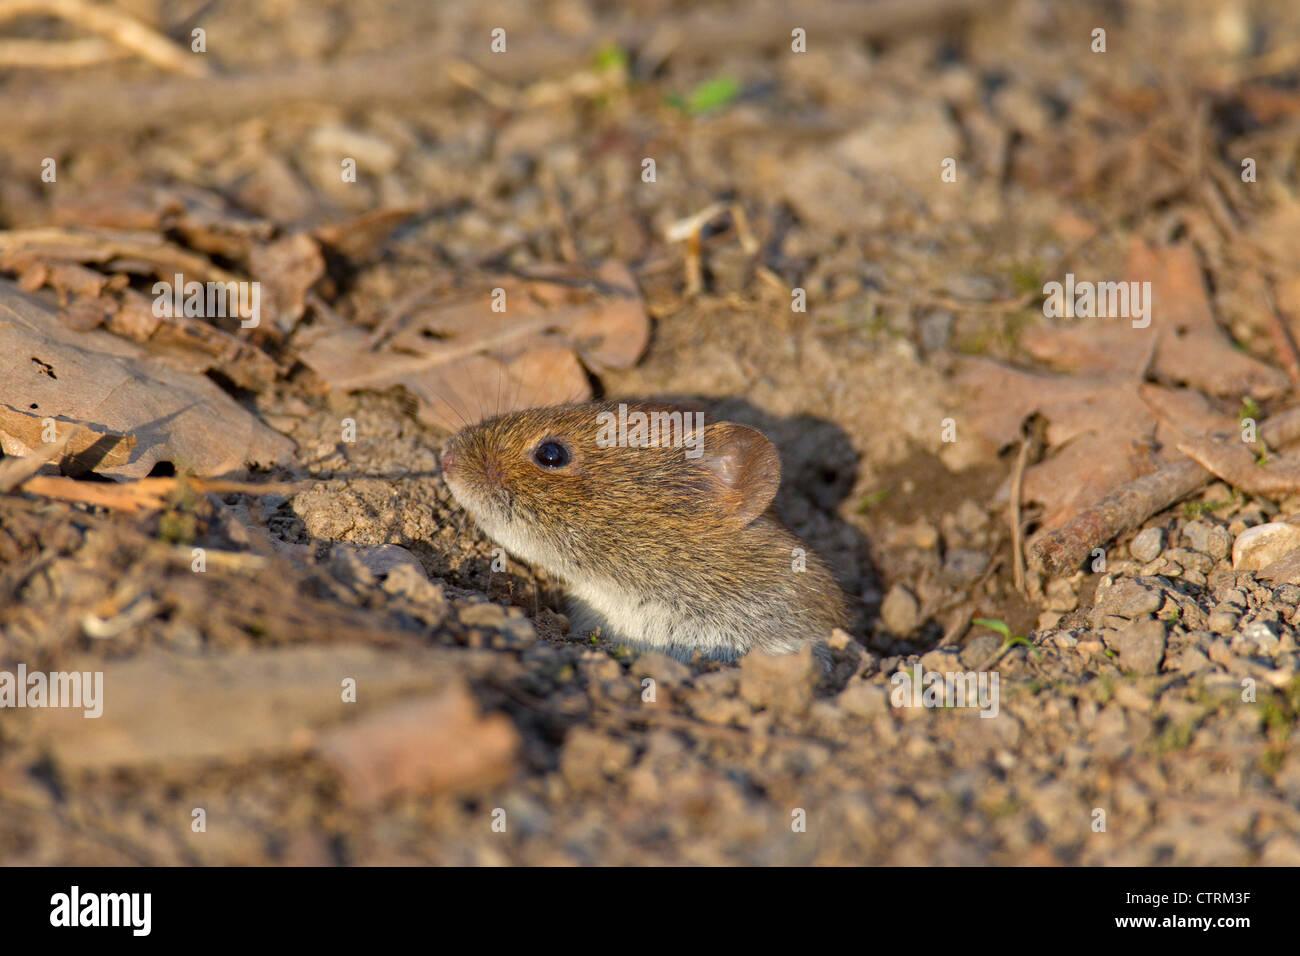 Bank vole (Myodes glareolus / Clethrionomys glareolus) leaving burrow - Stock Image